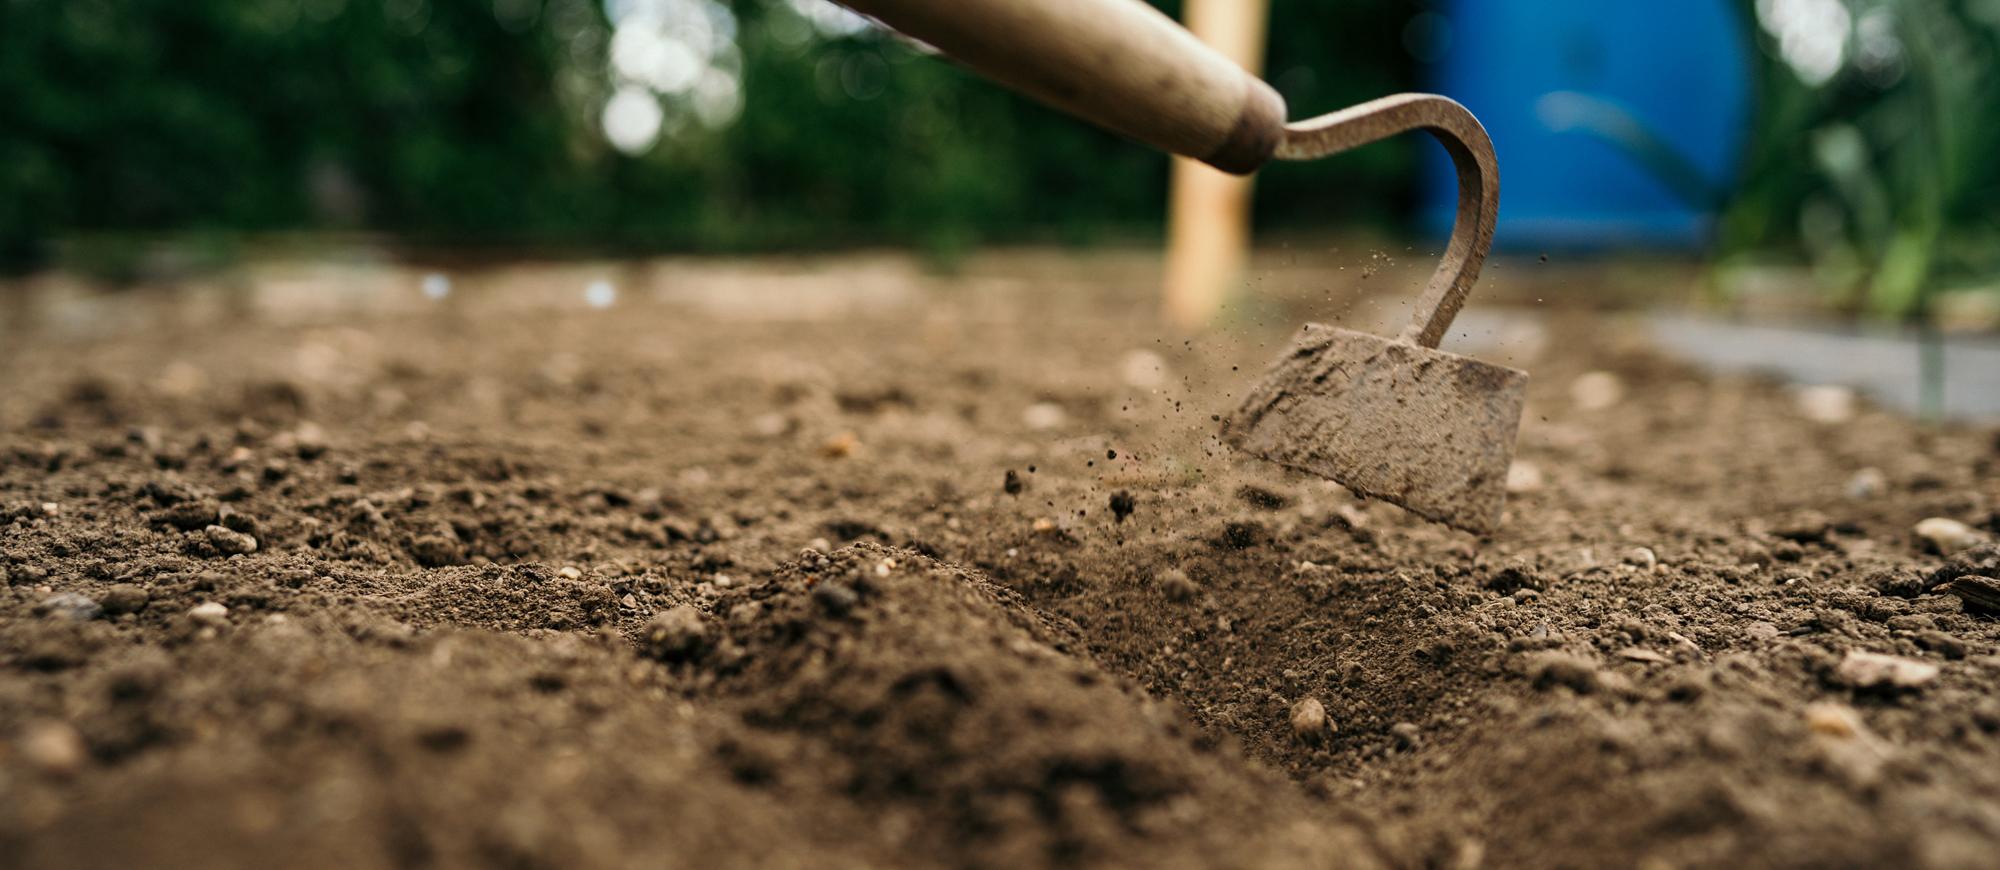 Preparare la terra nell'orto e nelle vasche in terrazzo